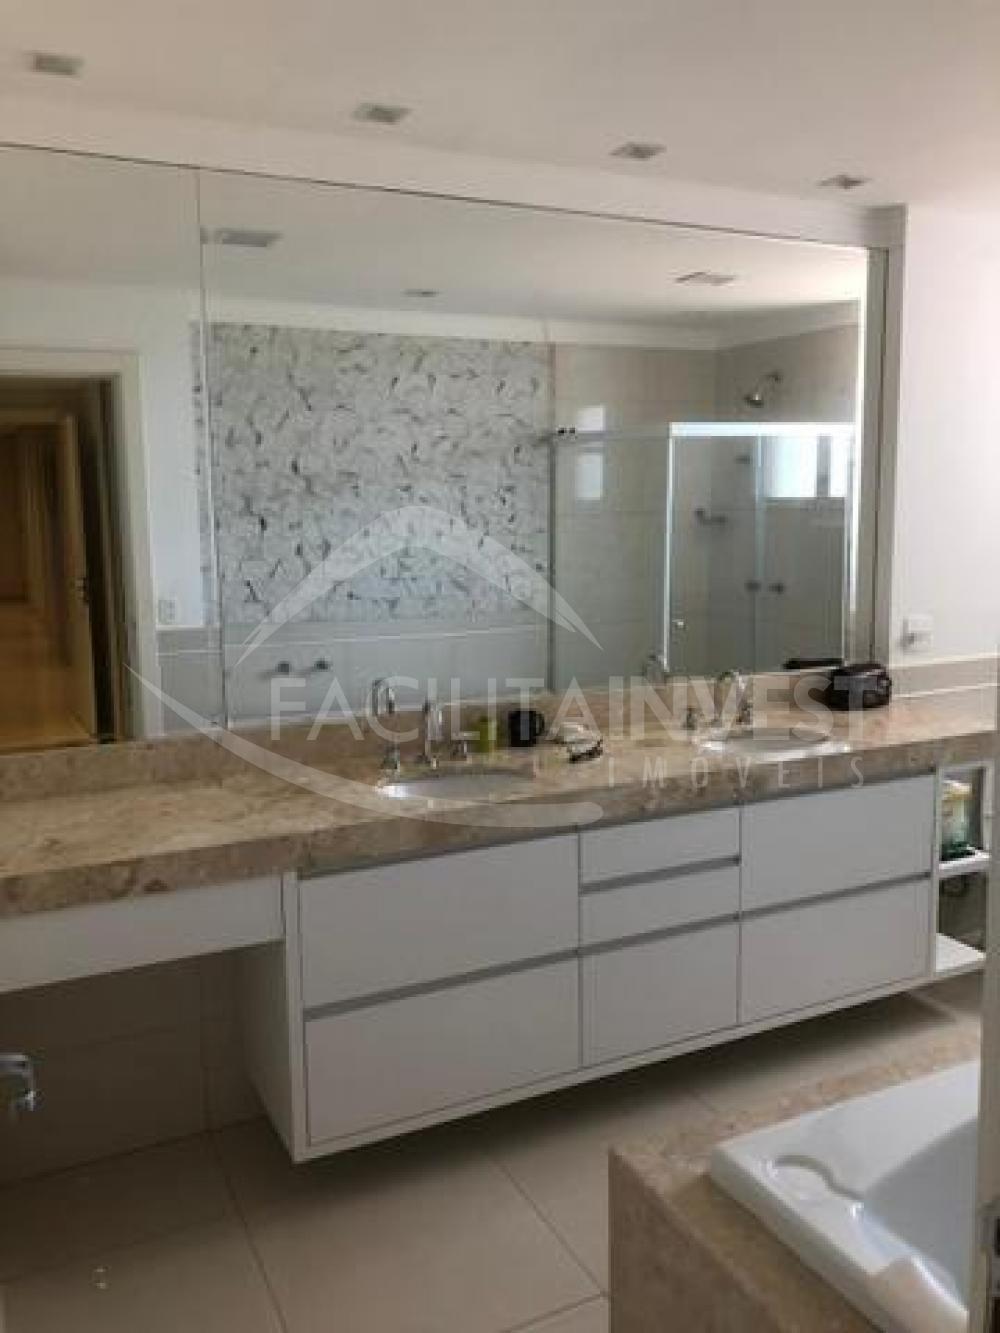 Alugar Apartamentos / Apart. Padrão em Ribeirão Preto apenas R$ 8.000,00 - Foto 10